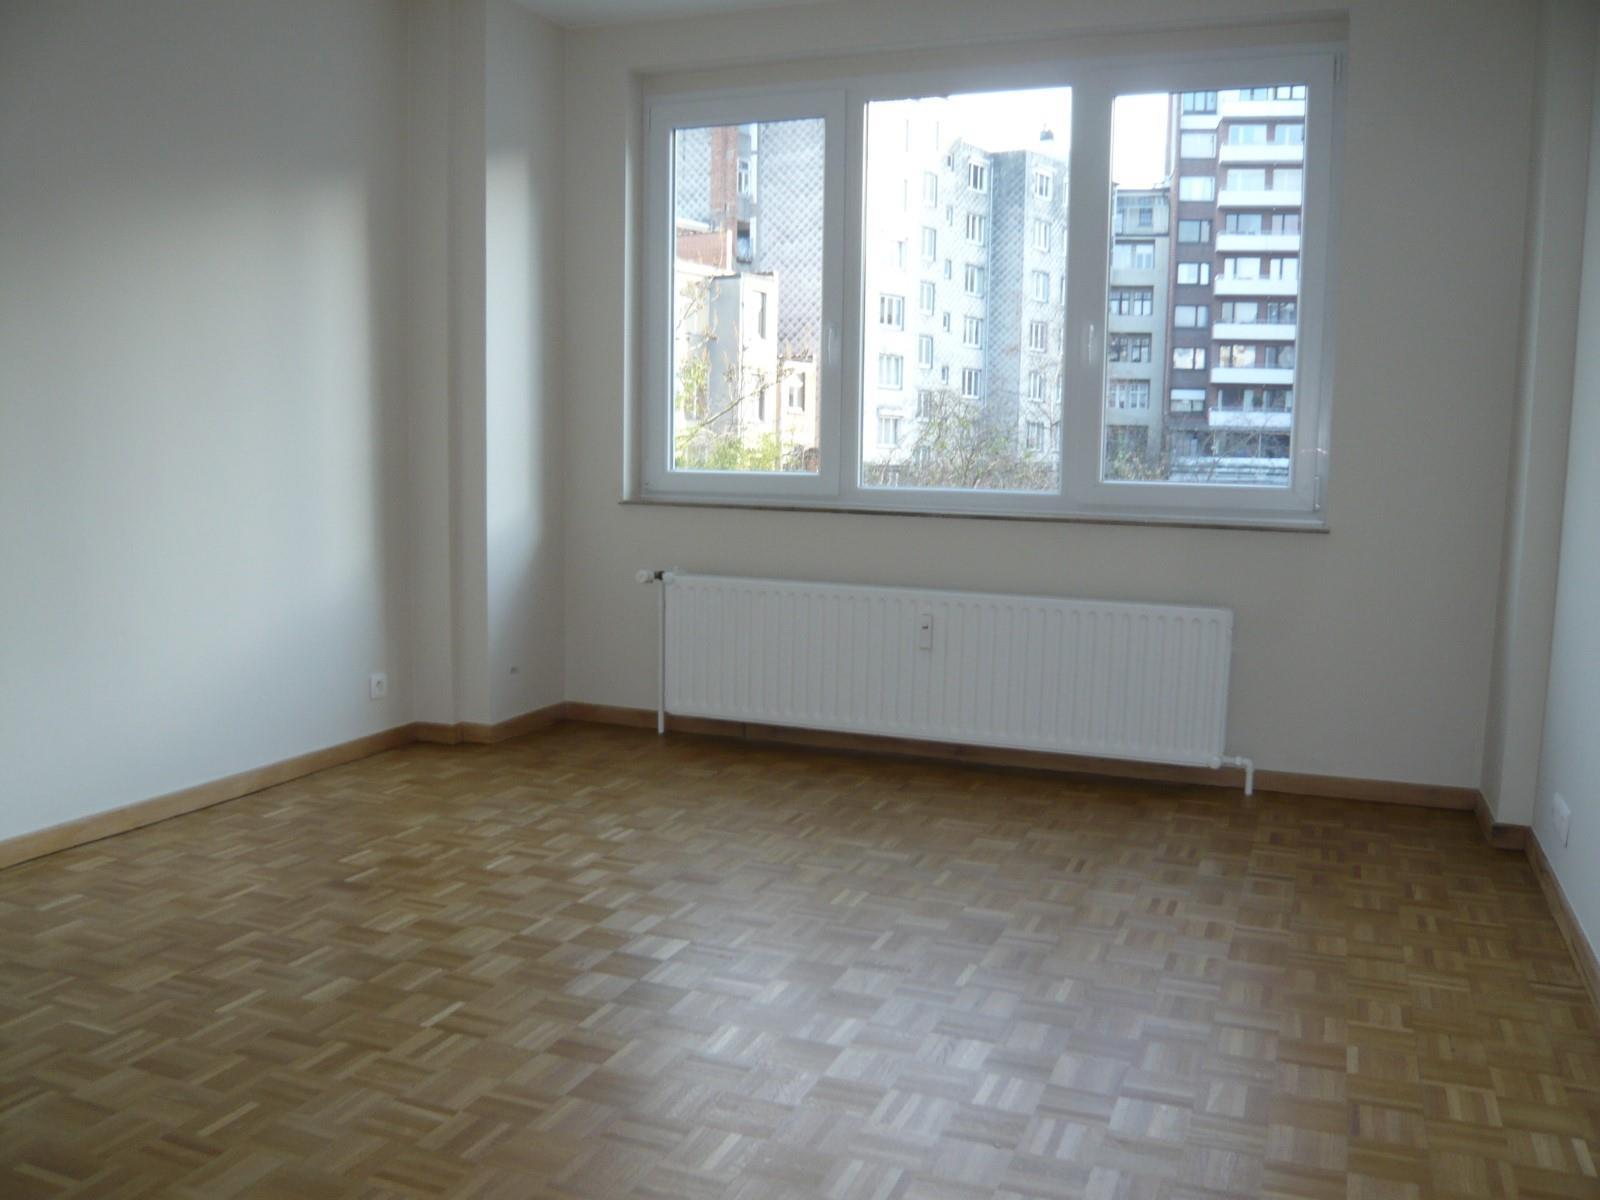 Flat - Schaerbeek - #2939049-5